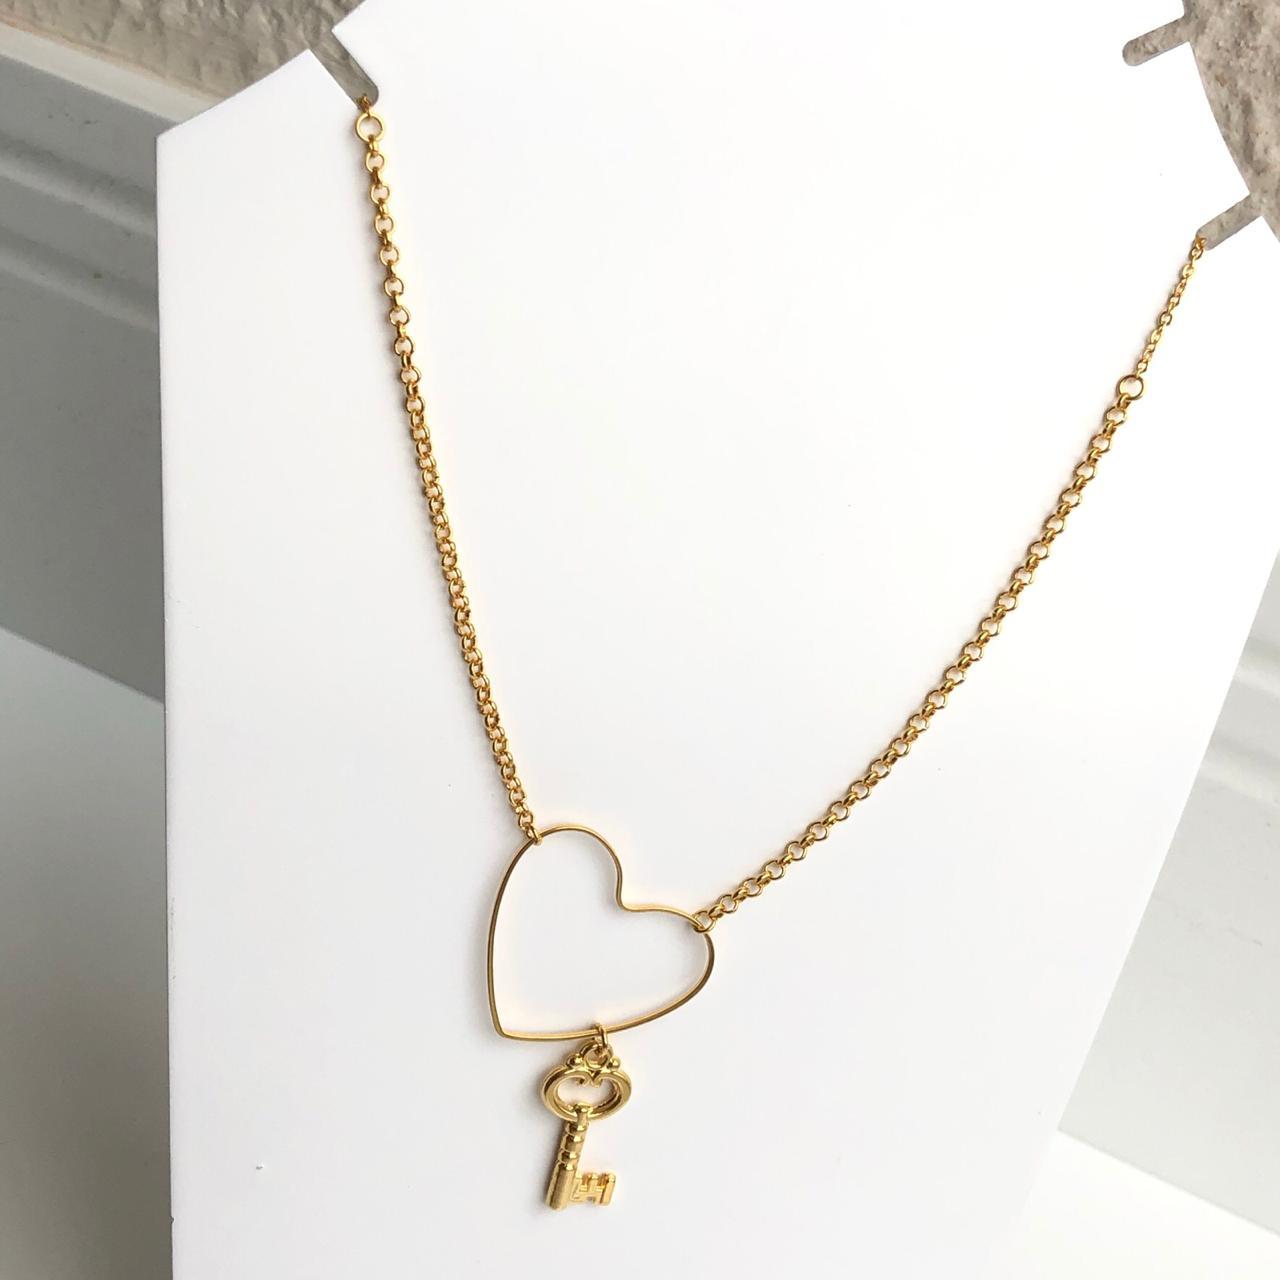 Colar folheado a ouro feminino mini elos português coração vazado e pingente de chave